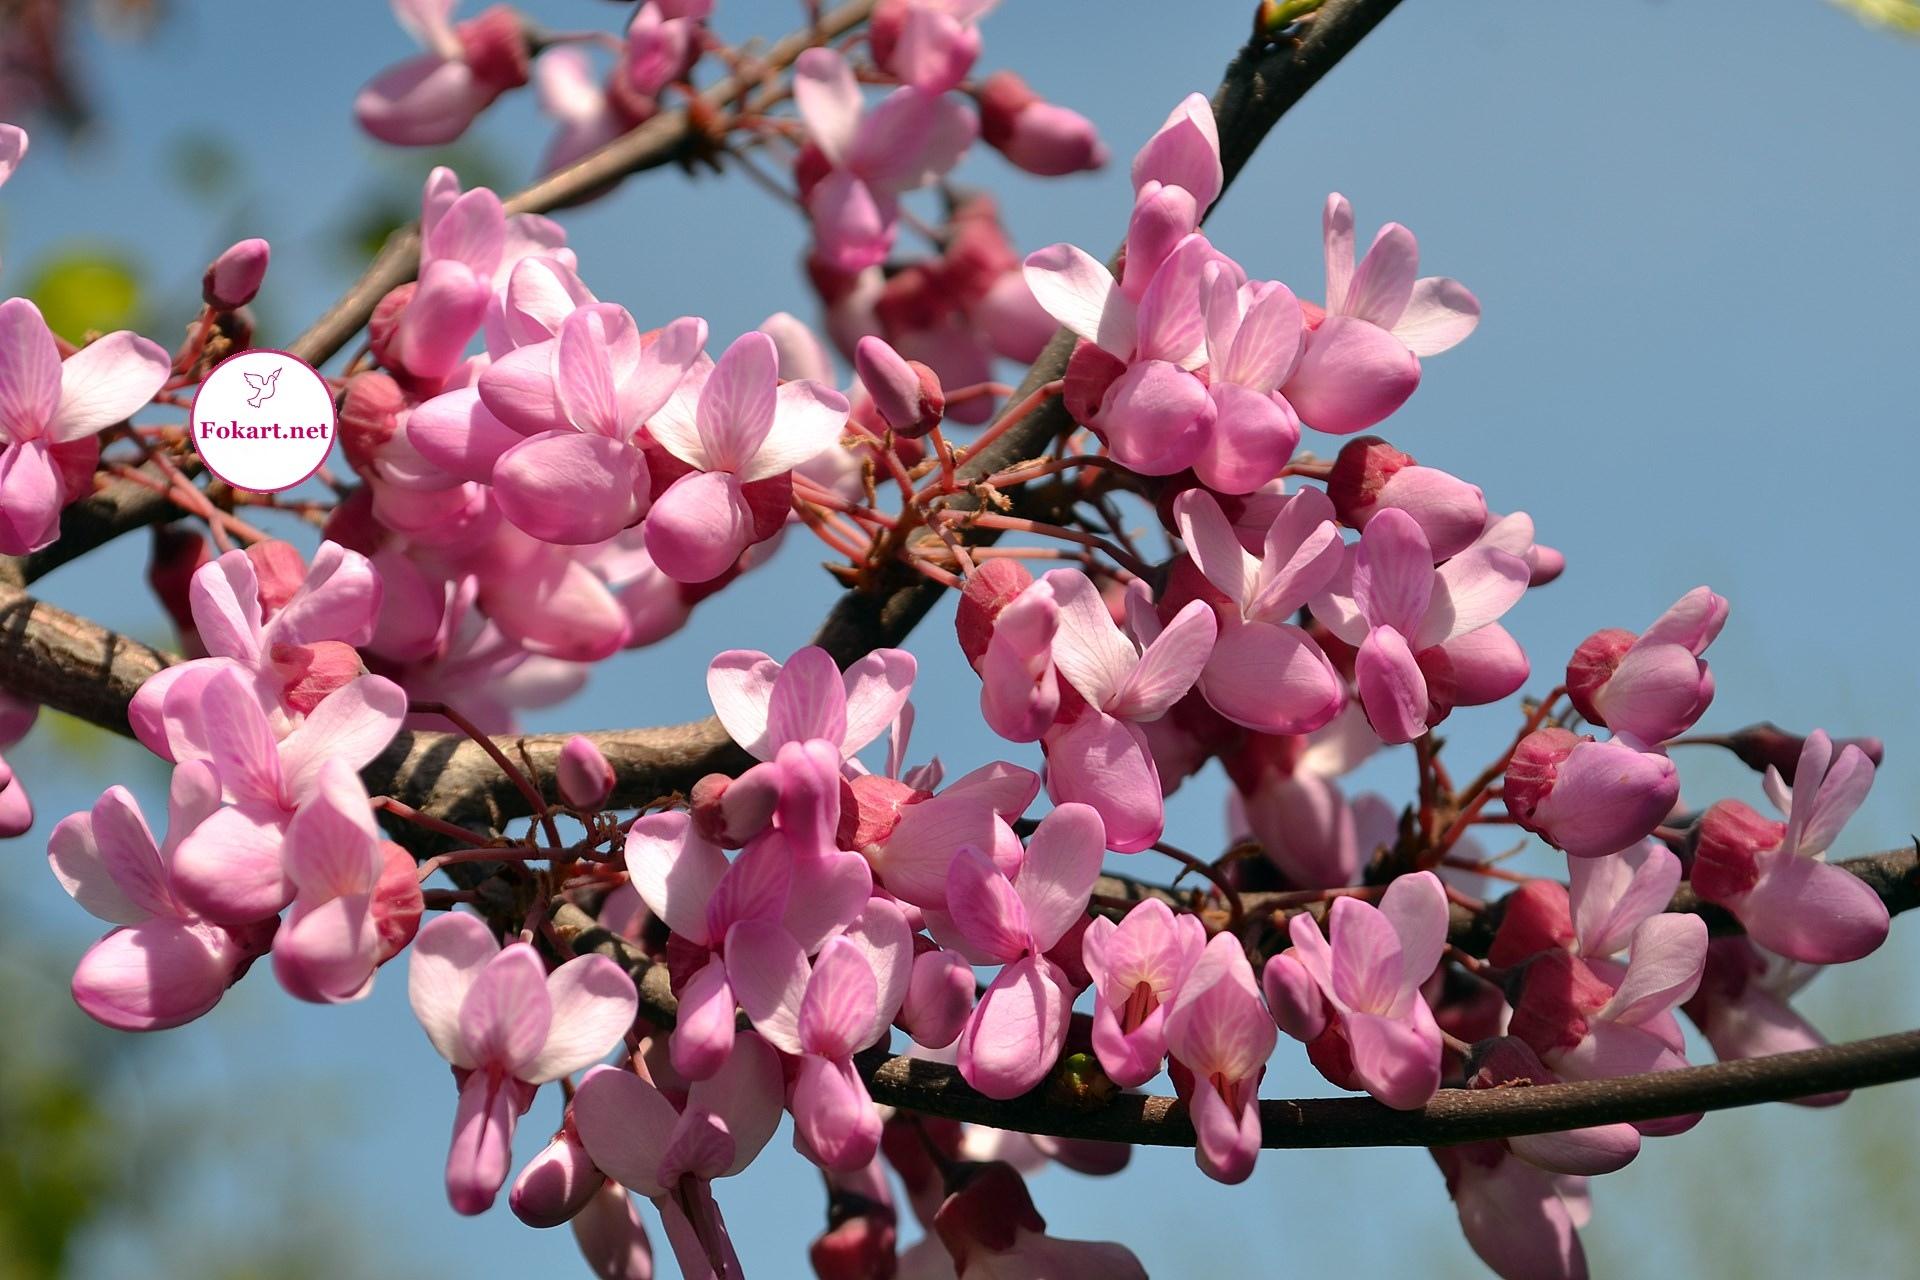 Розовые соцветия церциса европейского ; Багряник европейский , Иудино дерево